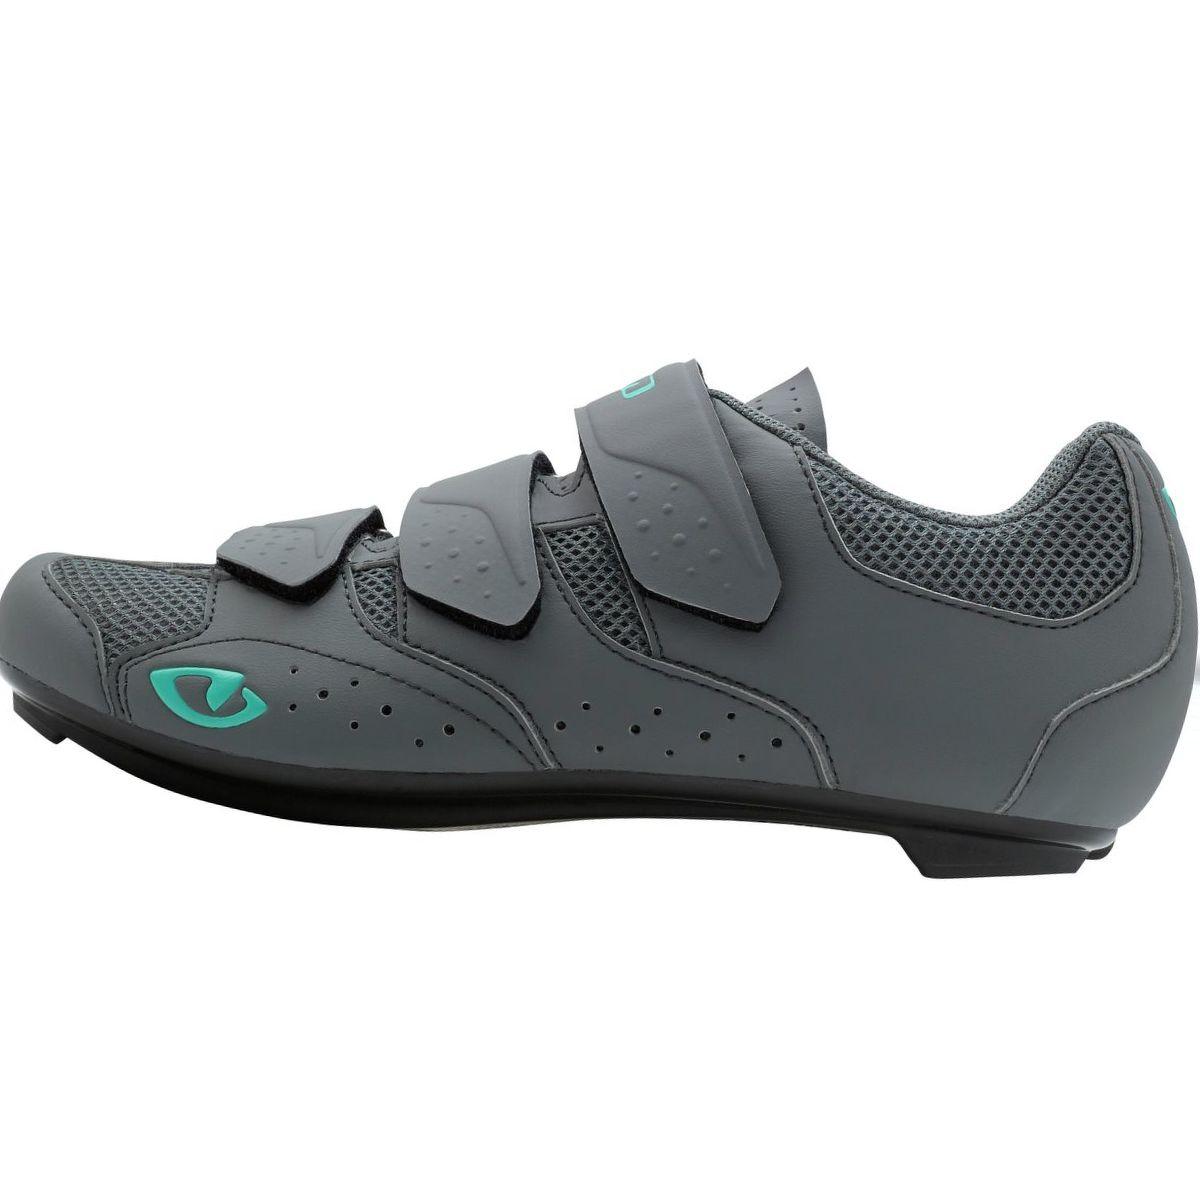 Giro Techne Cycling Shoe - Women's